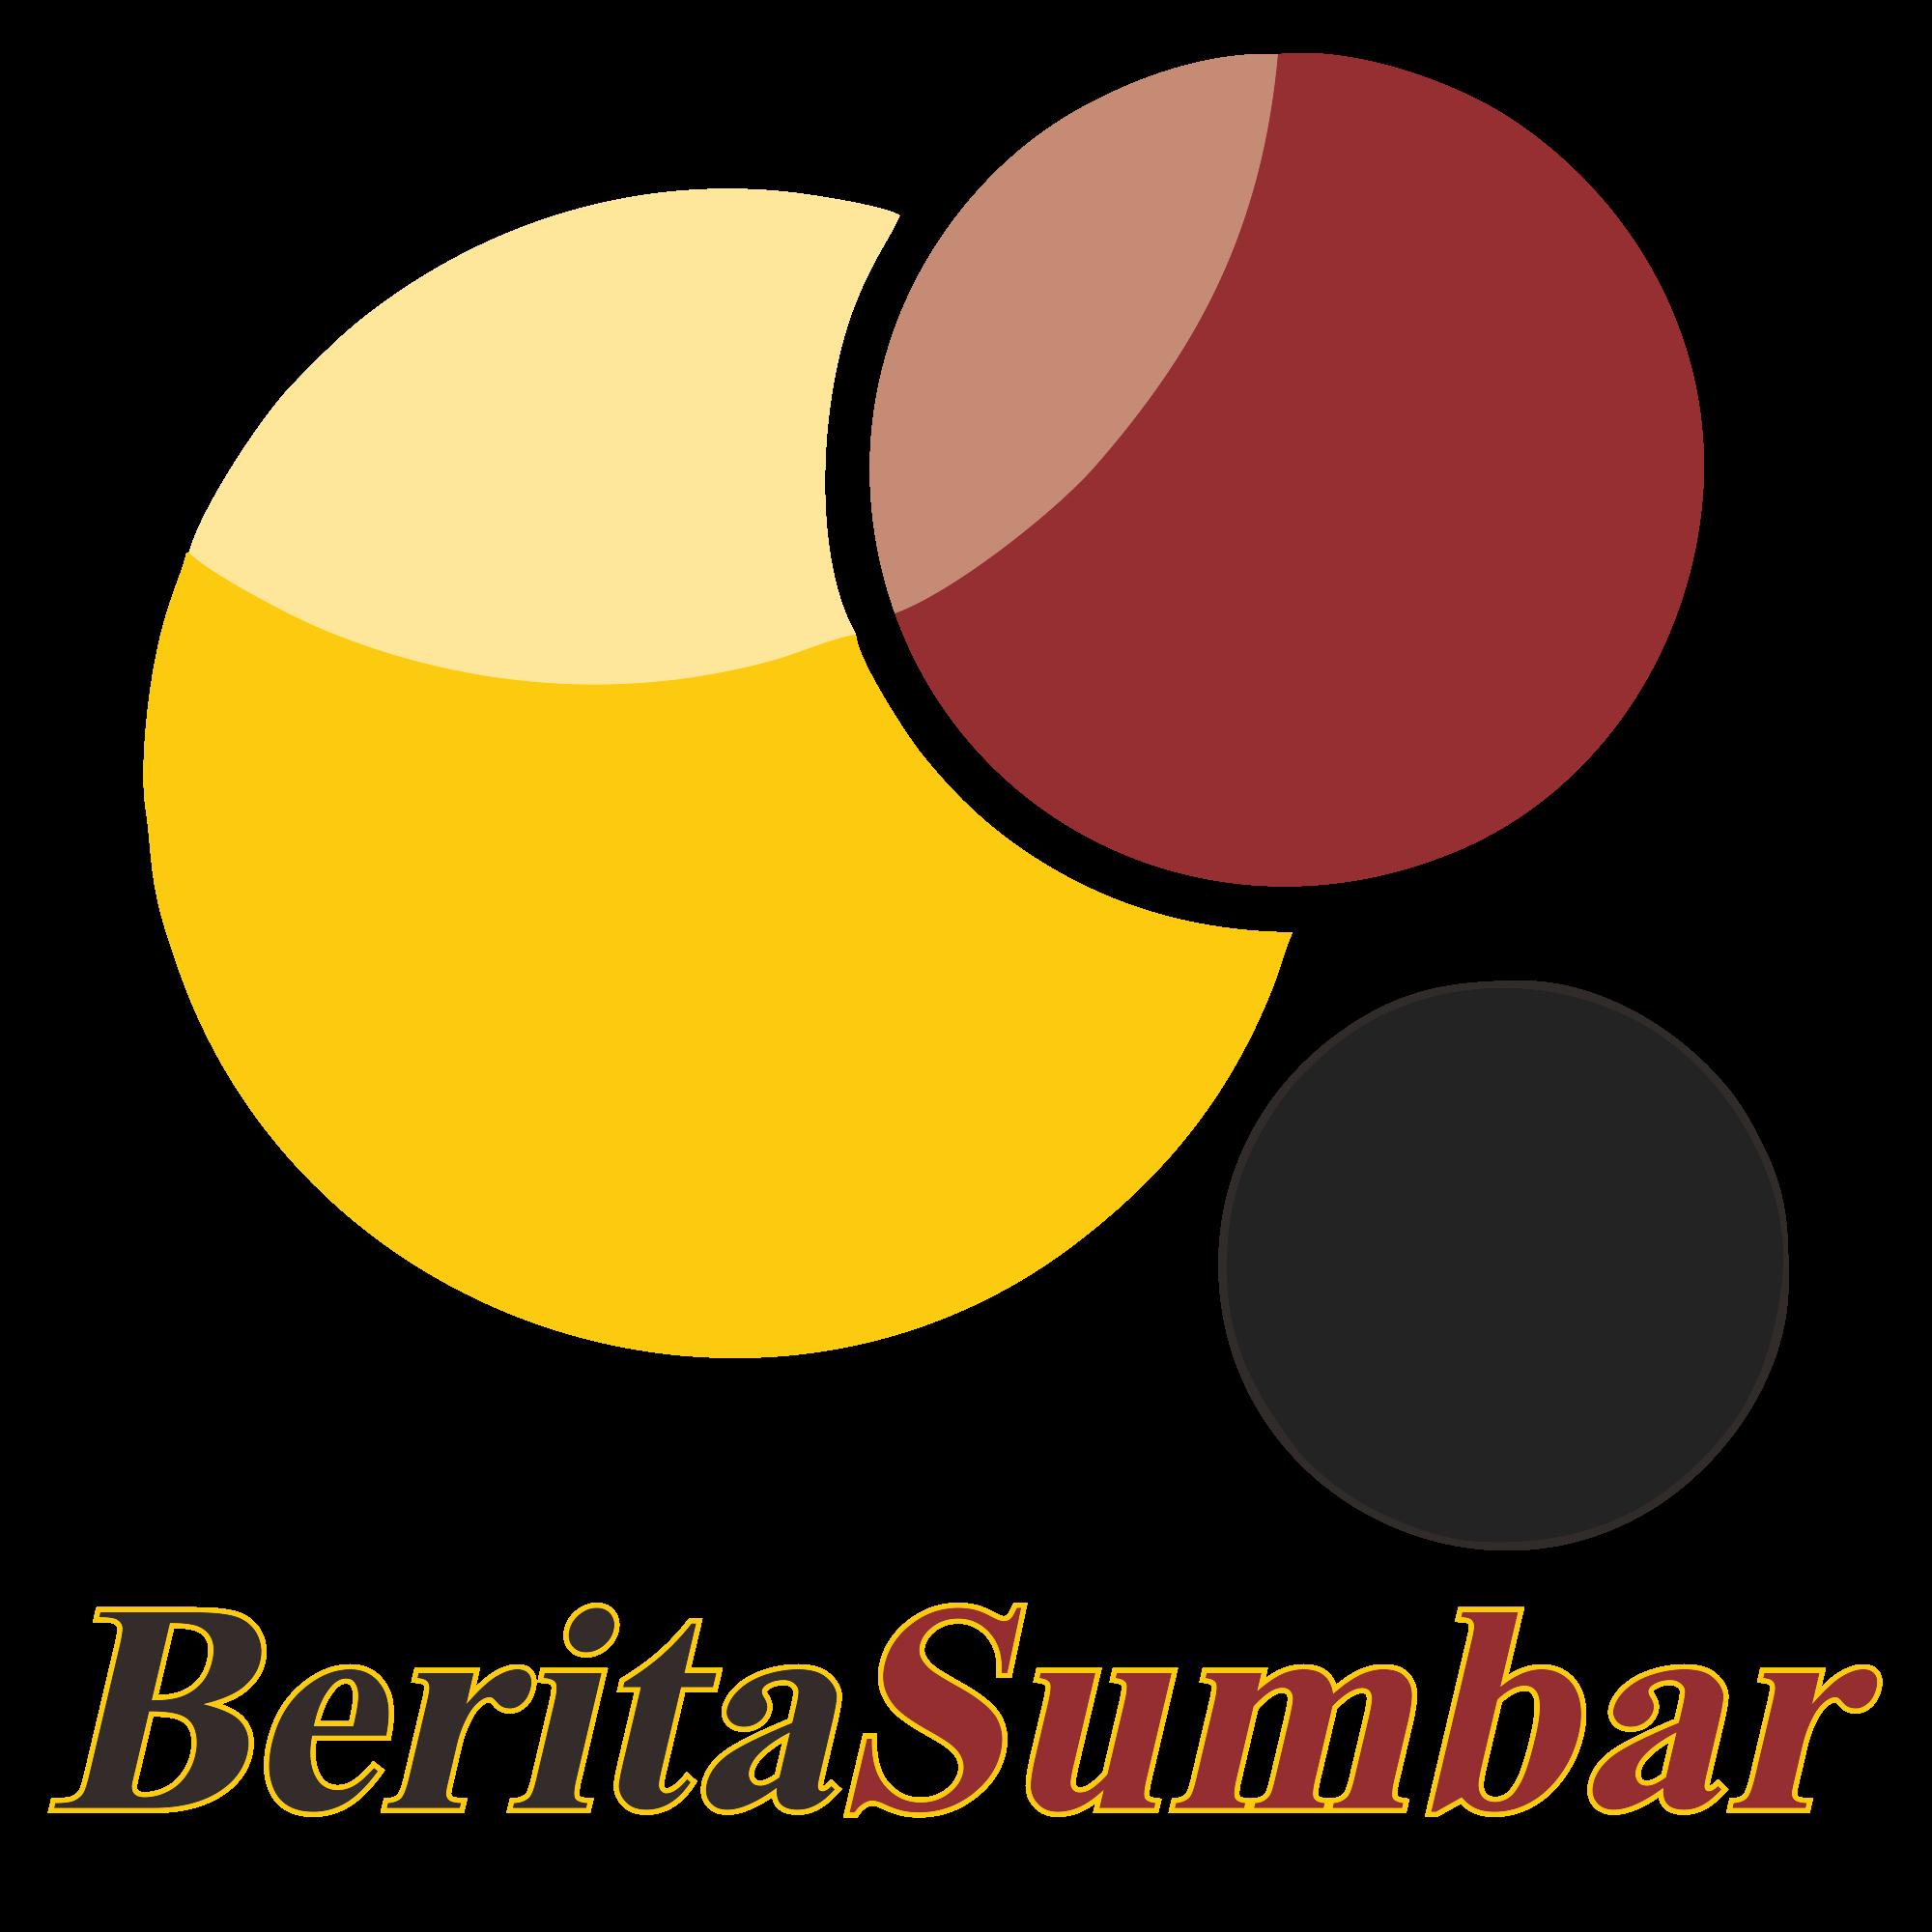 Pemenang Sayembara Logo 50 Tahun Kota Payakumbuh Diumumkan Beritasumbar Com